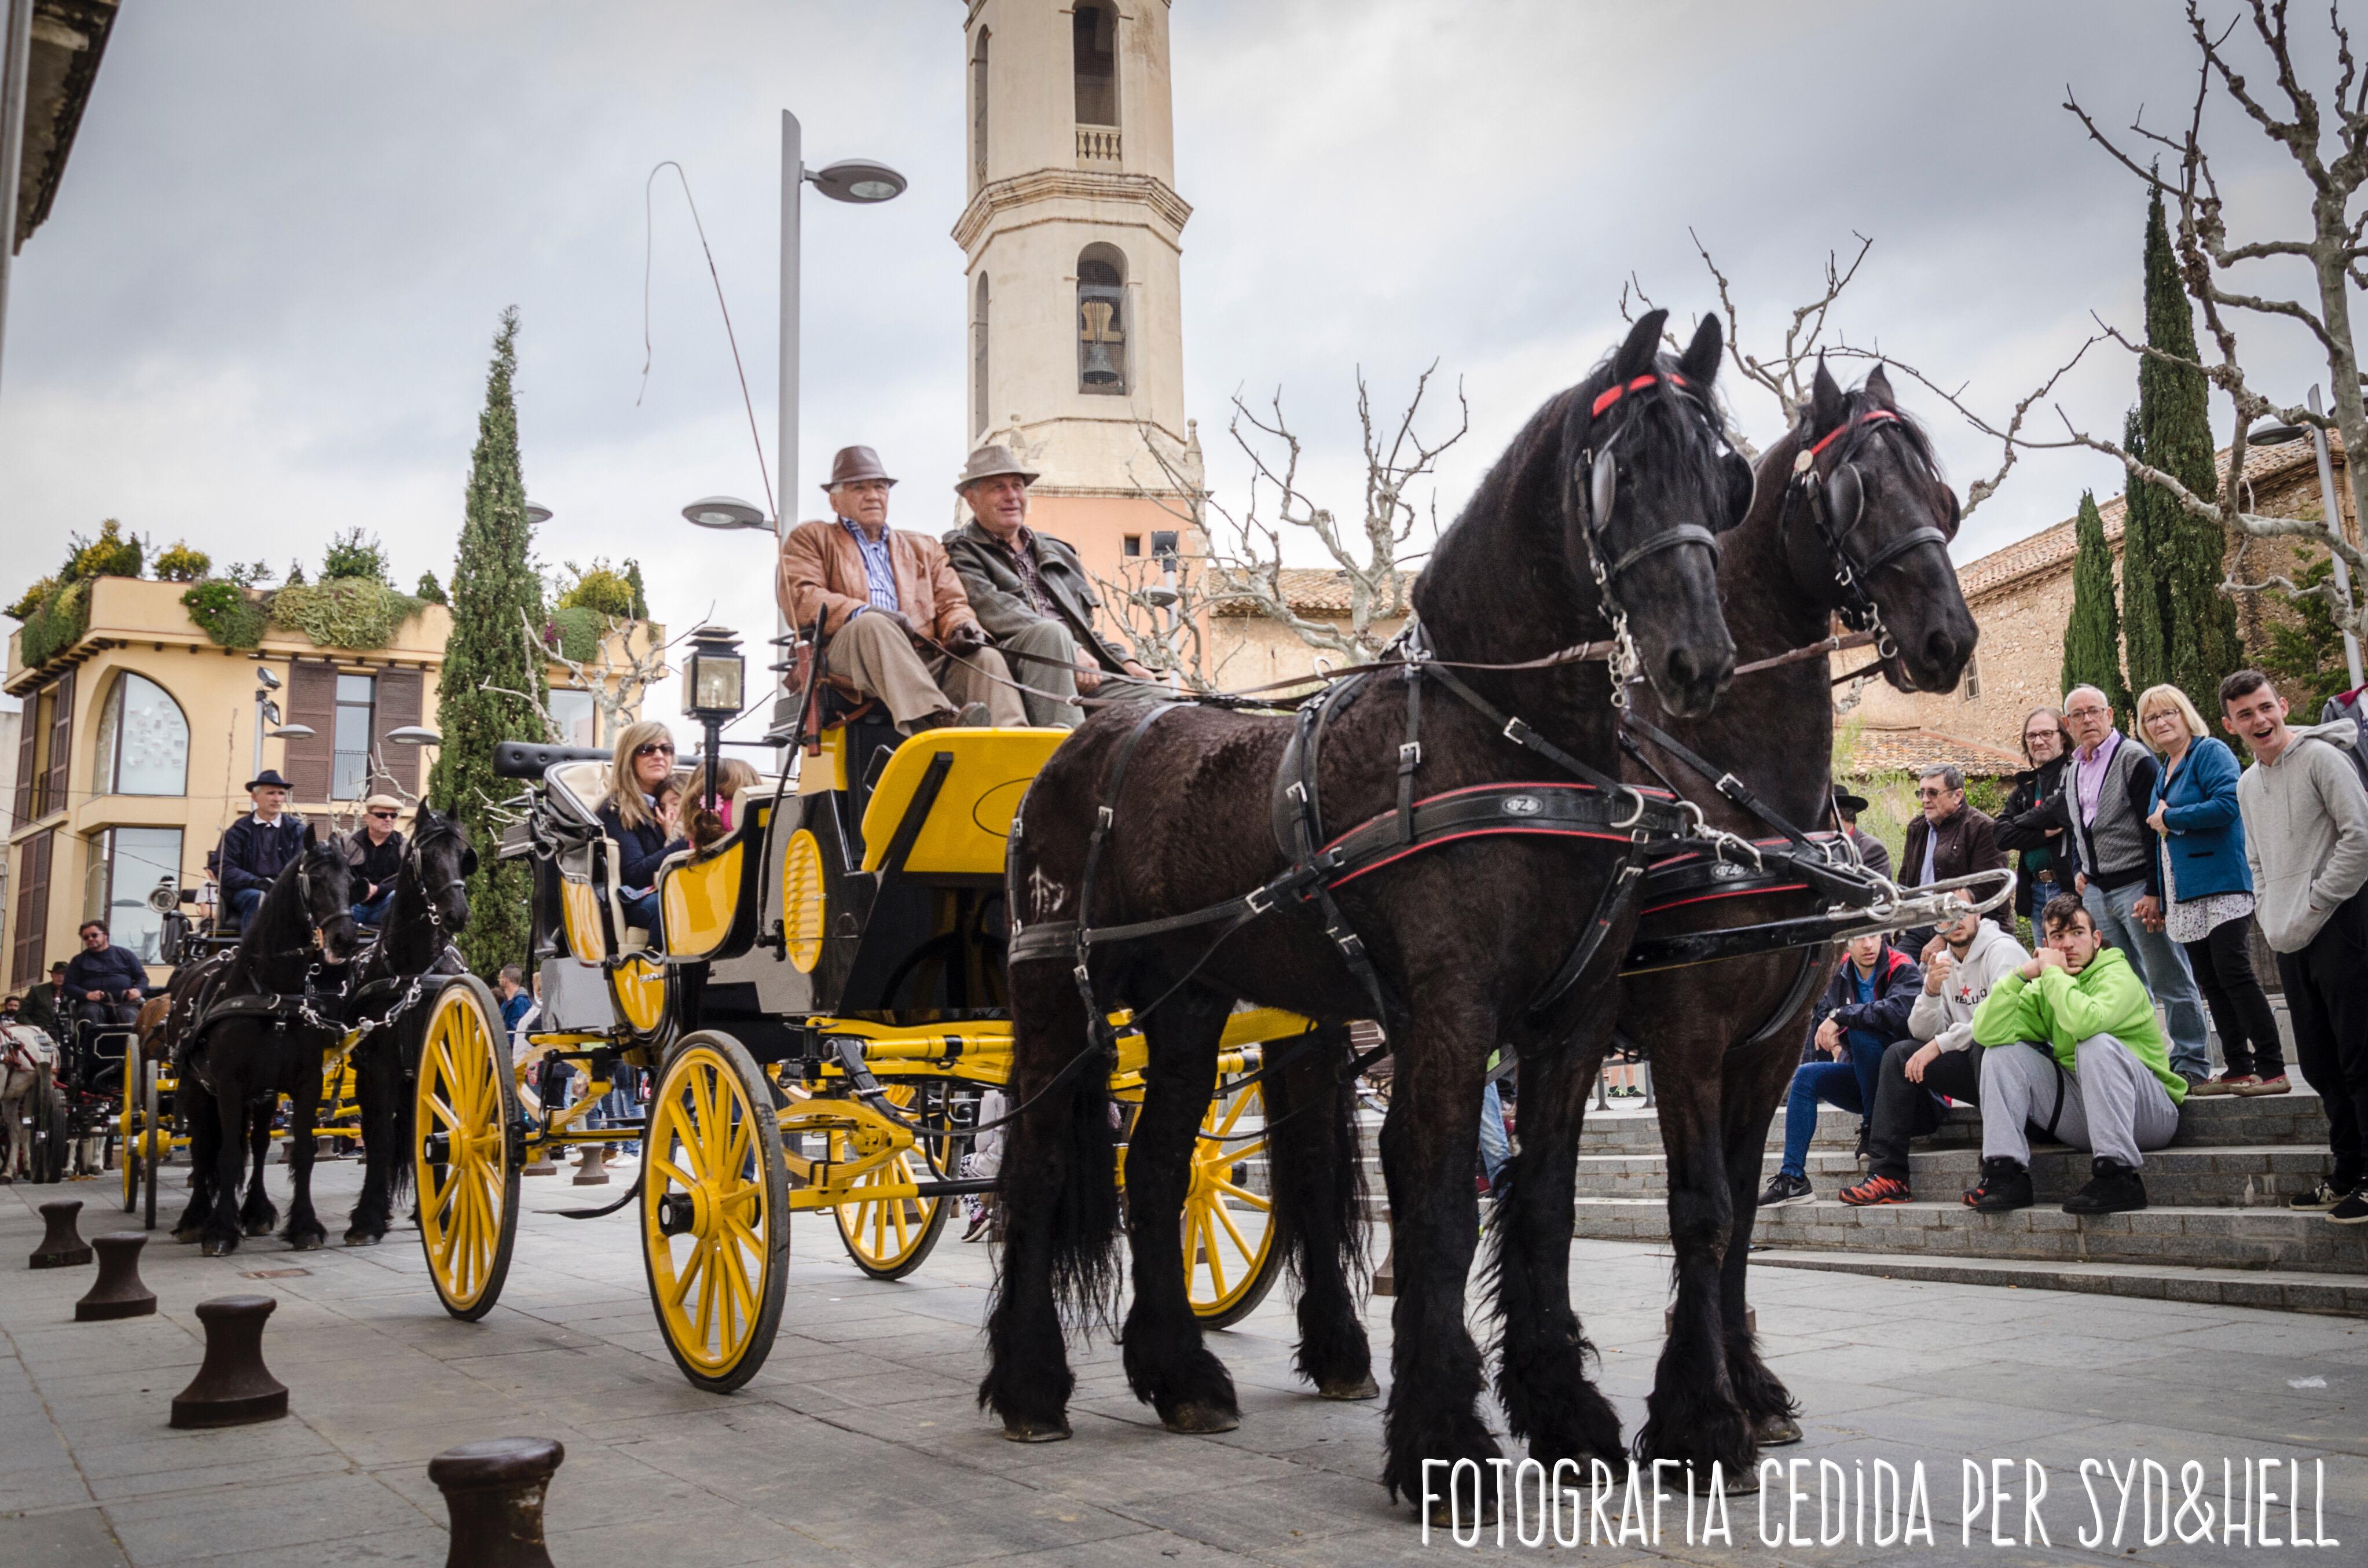 La Bisbal donarà el tret de sortida a la temporada catalana dels Tres Tombs aquest dijous